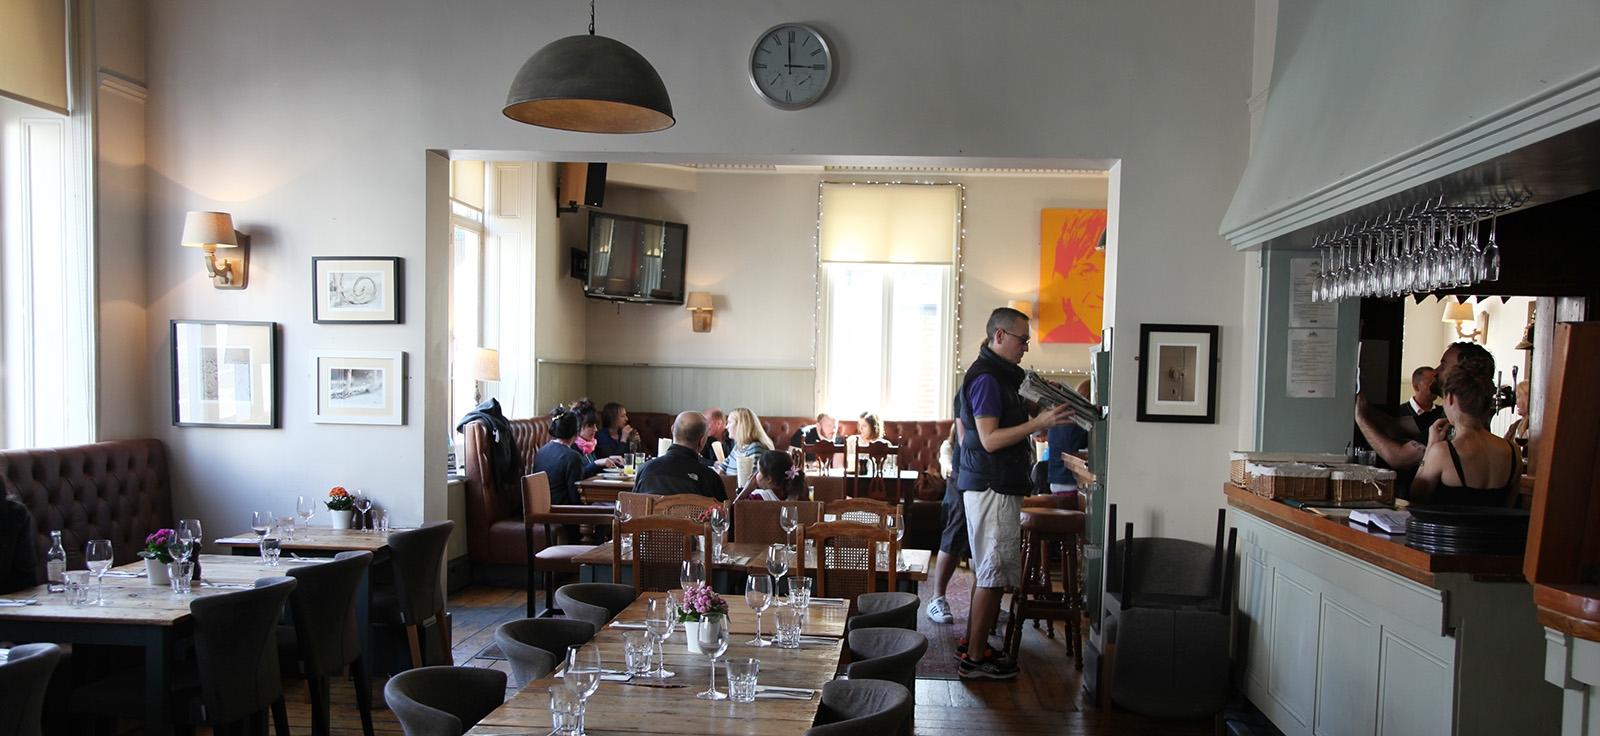 Moderní pub dnešní doby